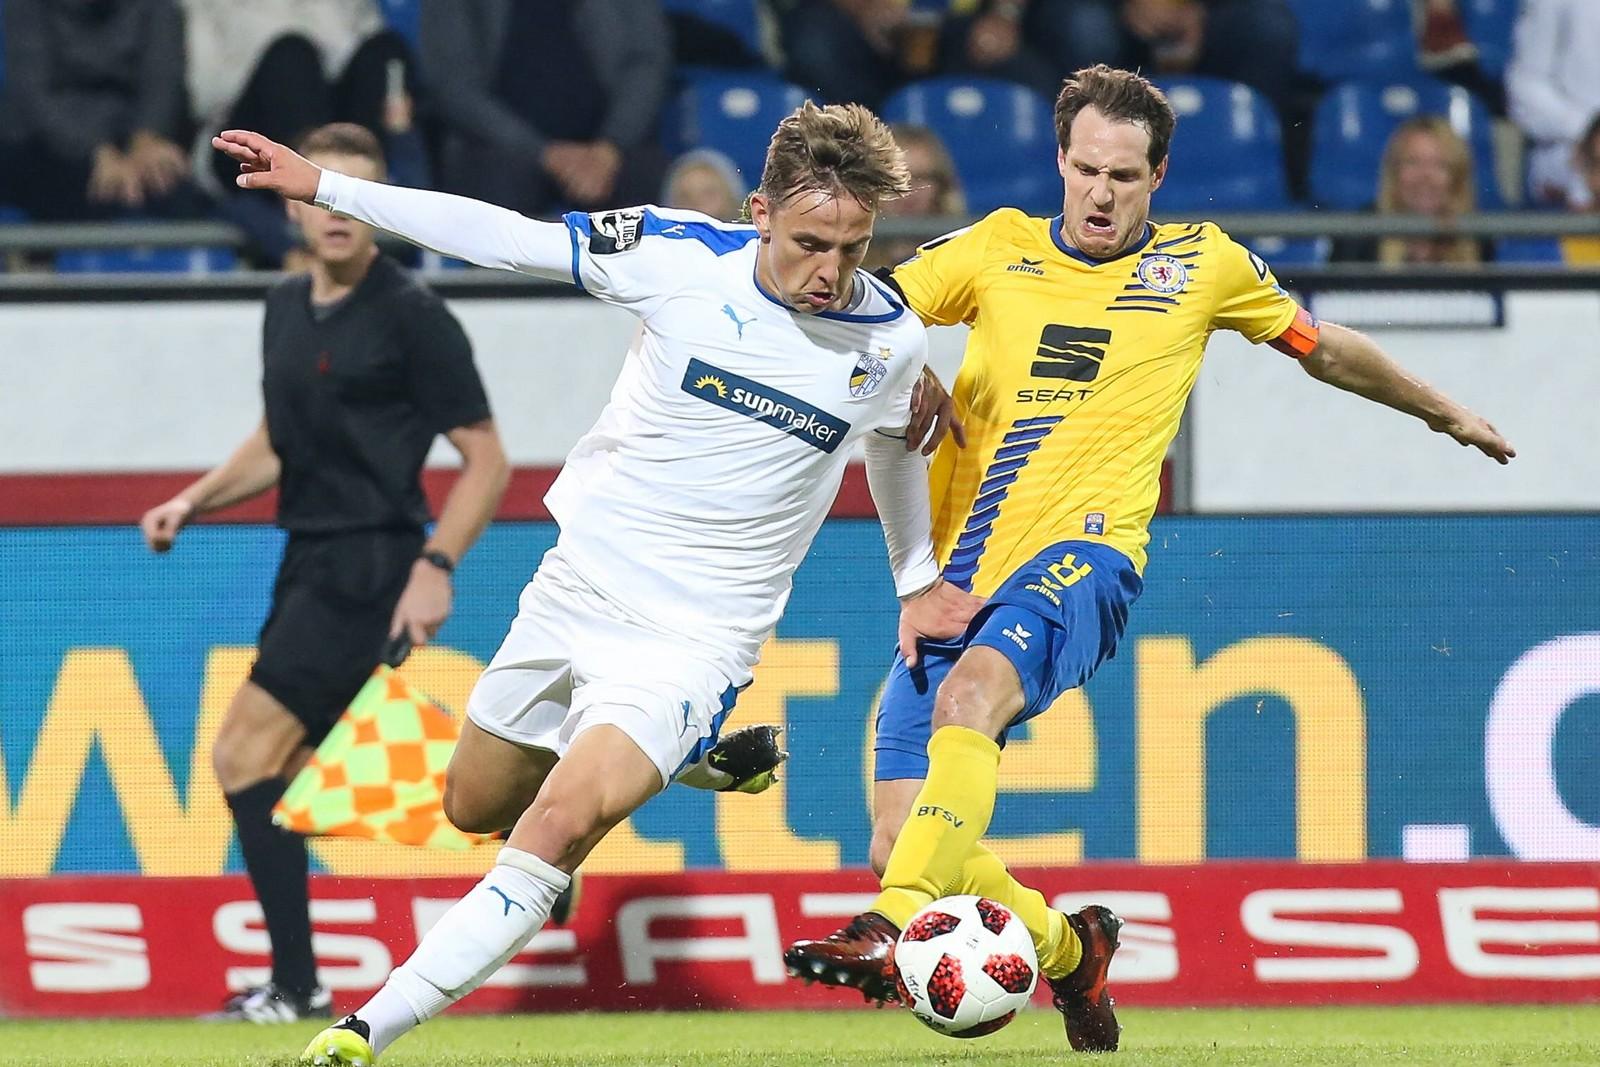 Phillip Tietz von Carl Zeiss Jena gegen Stephan Fürstner von Eintracht Braunschweig